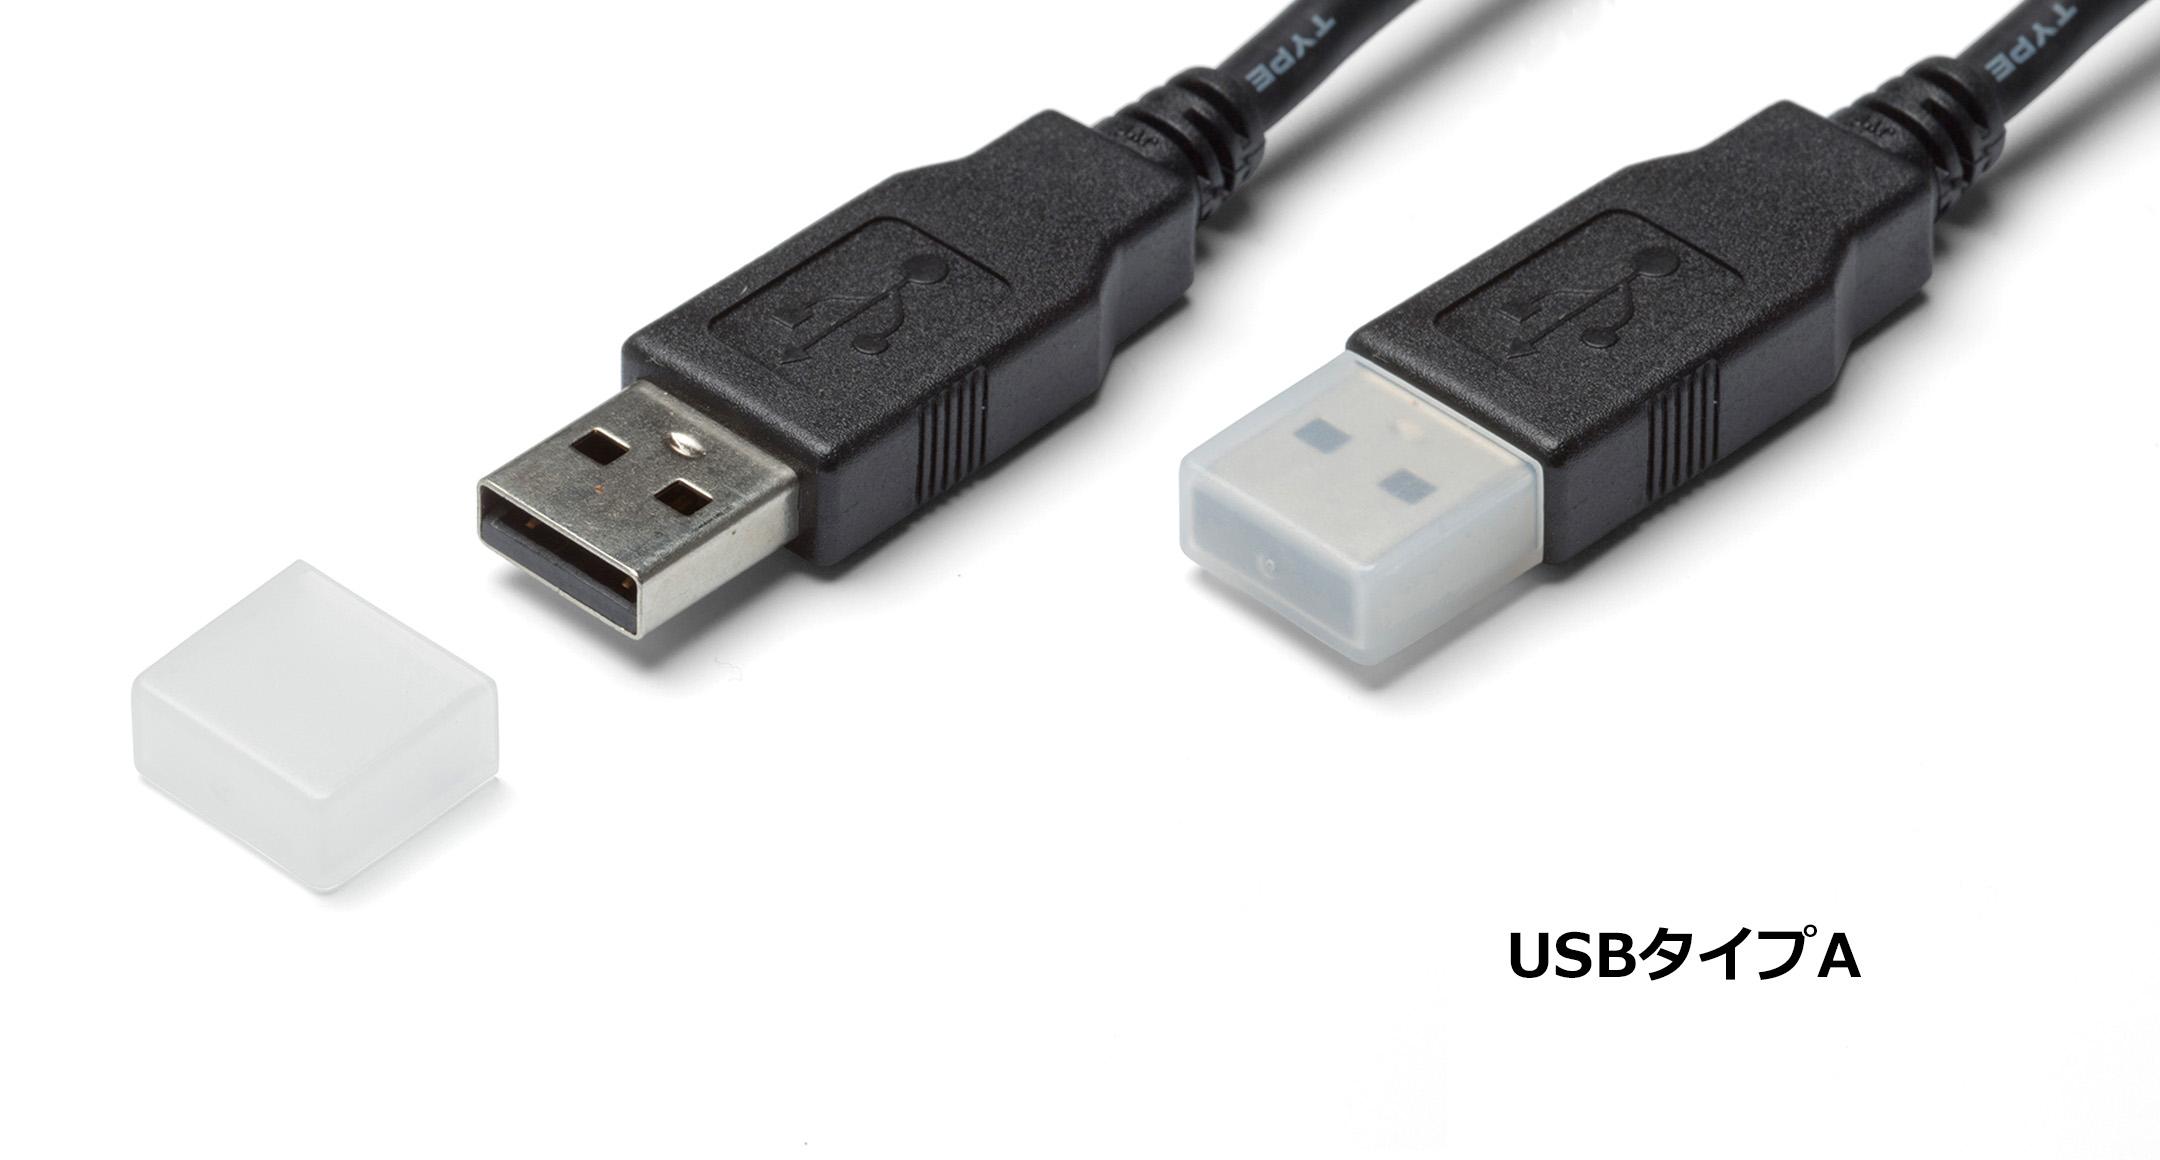 USBコネクタ保護キャップ KPS・USB3Cシリーズの画像